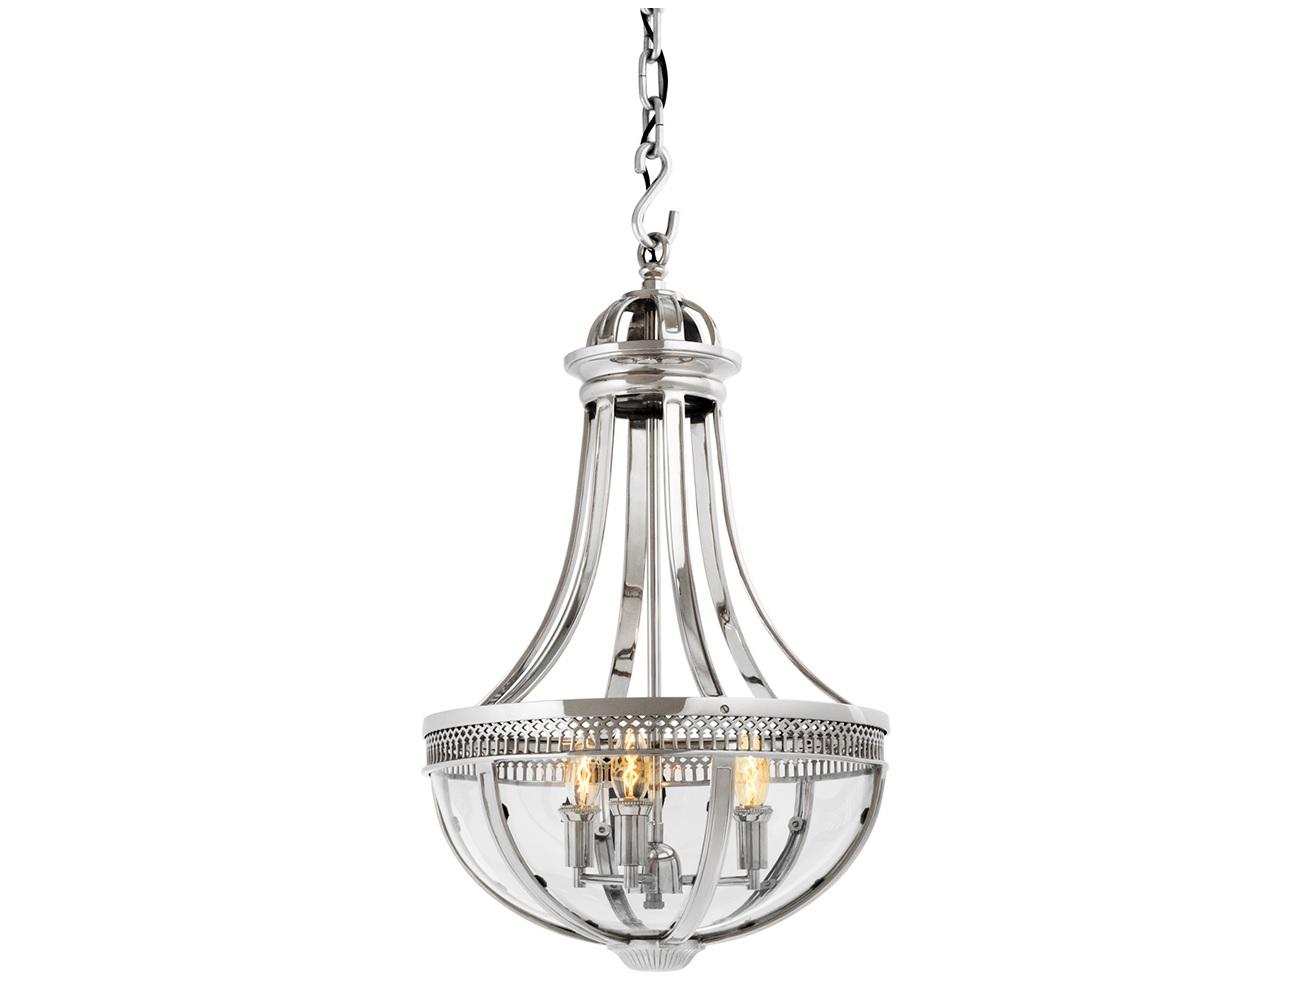 Подвесной светильник Capitol HillПодвесные светильники<br>Подвесной светильник-латерна Capitol Hill S с оригинальным дизайном выполнен из никелированного металла. Нижняя часть плафона из прозрачного стекла. Высота светильника регулируется за счет звеньев цепи.&amp;lt;div&amp;gt;&amp;lt;br&amp;gt;&amp;lt;/div&amp;gt;&amp;lt;div&amp;gt;&amp;lt;div&amp;gt;&amp;lt;div&amp;gt;Вид цоколя: E14&amp;lt;/div&amp;gt;&amp;lt;div&amp;gt;Мощность лампы: 40W&amp;lt;/div&amp;gt;&amp;lt;div&amp;gt;Количество ламп: 3&amp;lt;/div&amp;gt;&amp;lt;/div&amp;gt;&amp;lt;/div&amp;gt;&amp;lt;div&amp;gt;&amp;lt;br&amp;gt;&amp;lt;/div&amp;gt;&amp;lt;div&amp;gt;Лампочки в комплект не входят.&amp;lt;/div&amp;gt;<br><br>Material: Металл<br>Ширина см: 42.0<br>Высота см: 67.0<br>Глубина см: 42.0